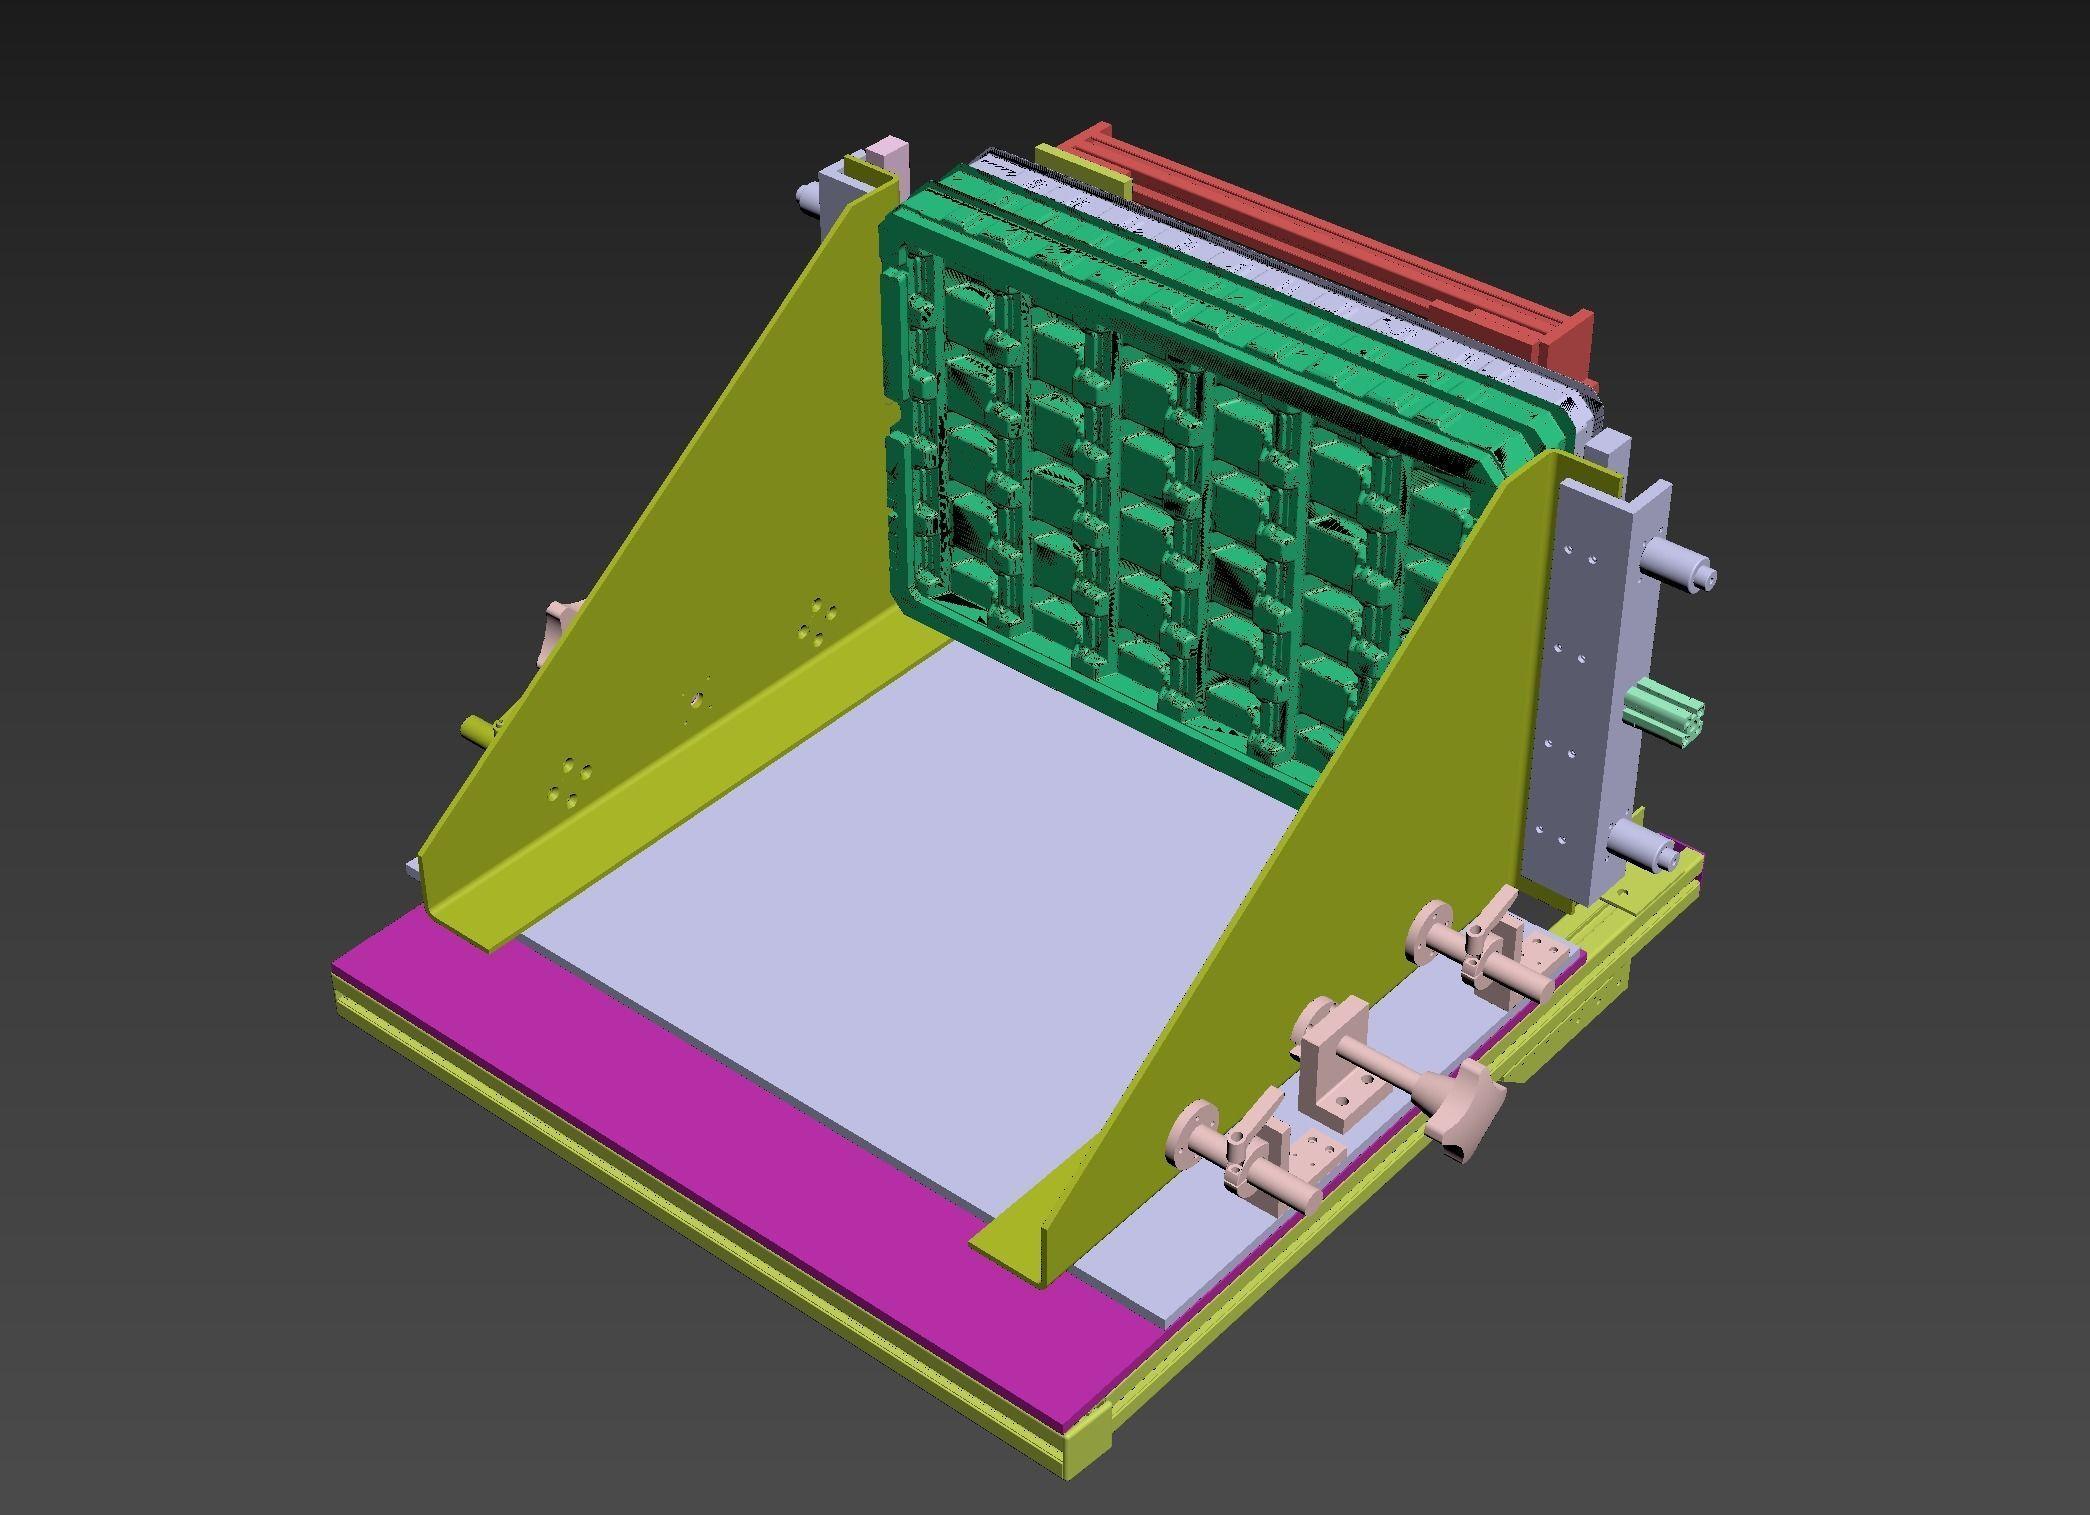 Tray loading mechanism | 3D model